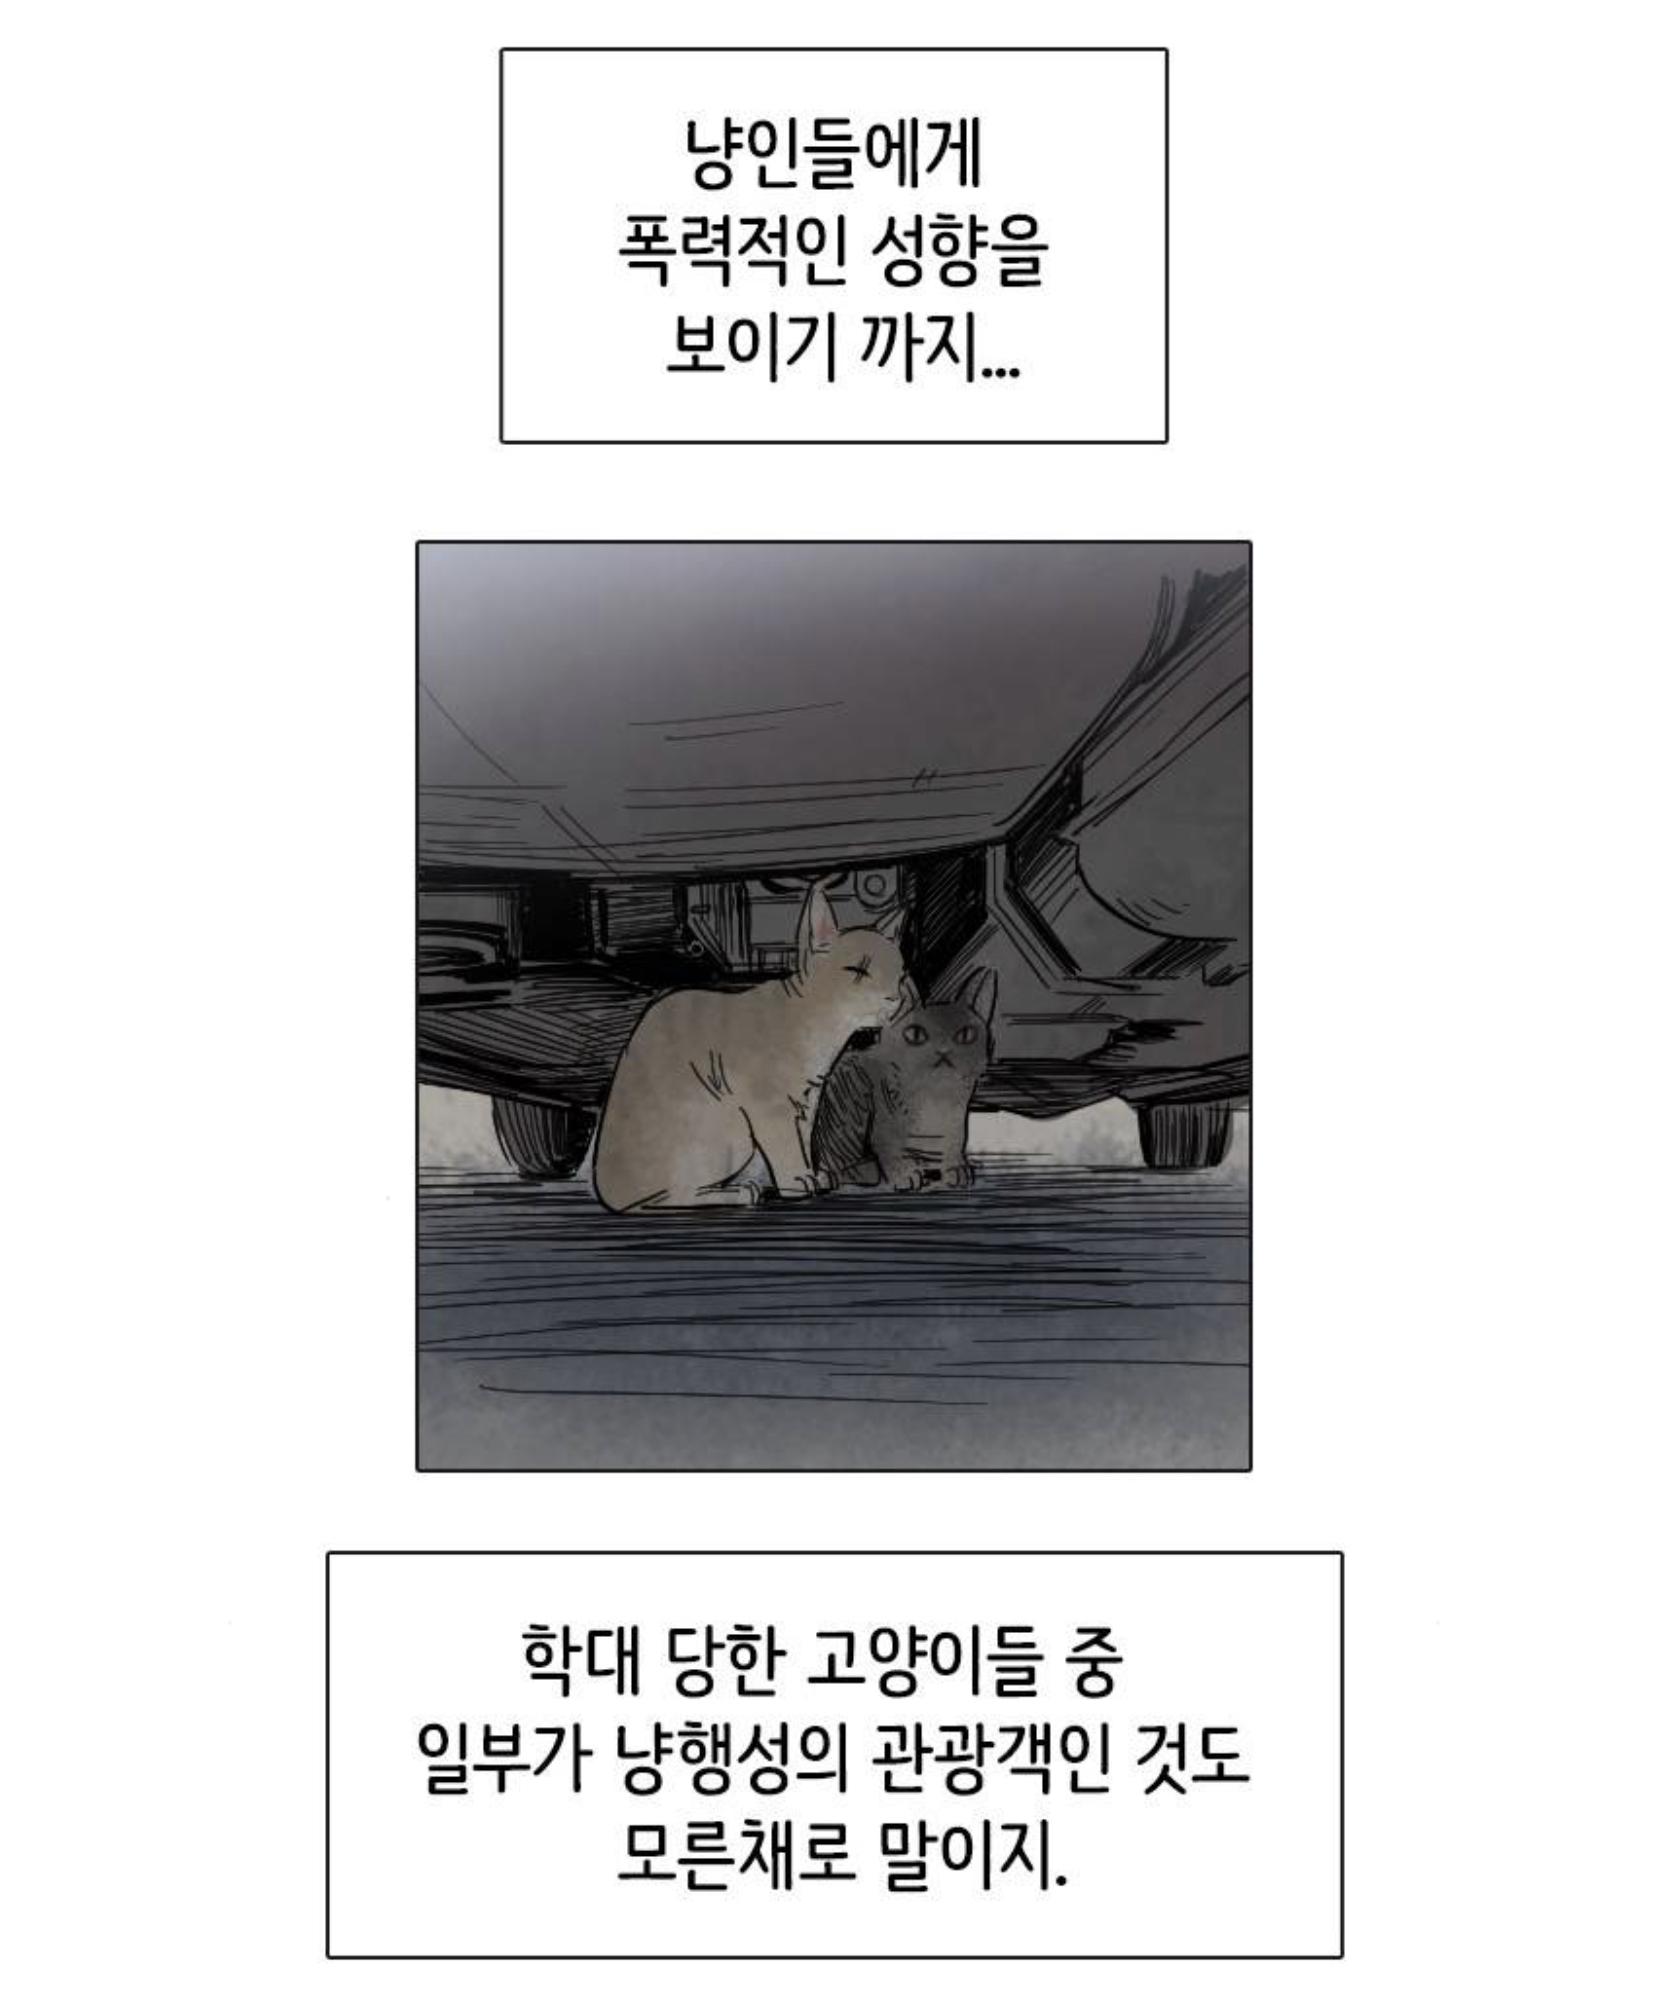 AED4299F-908F-4083-9150-34D98C3E50B0.jpeg